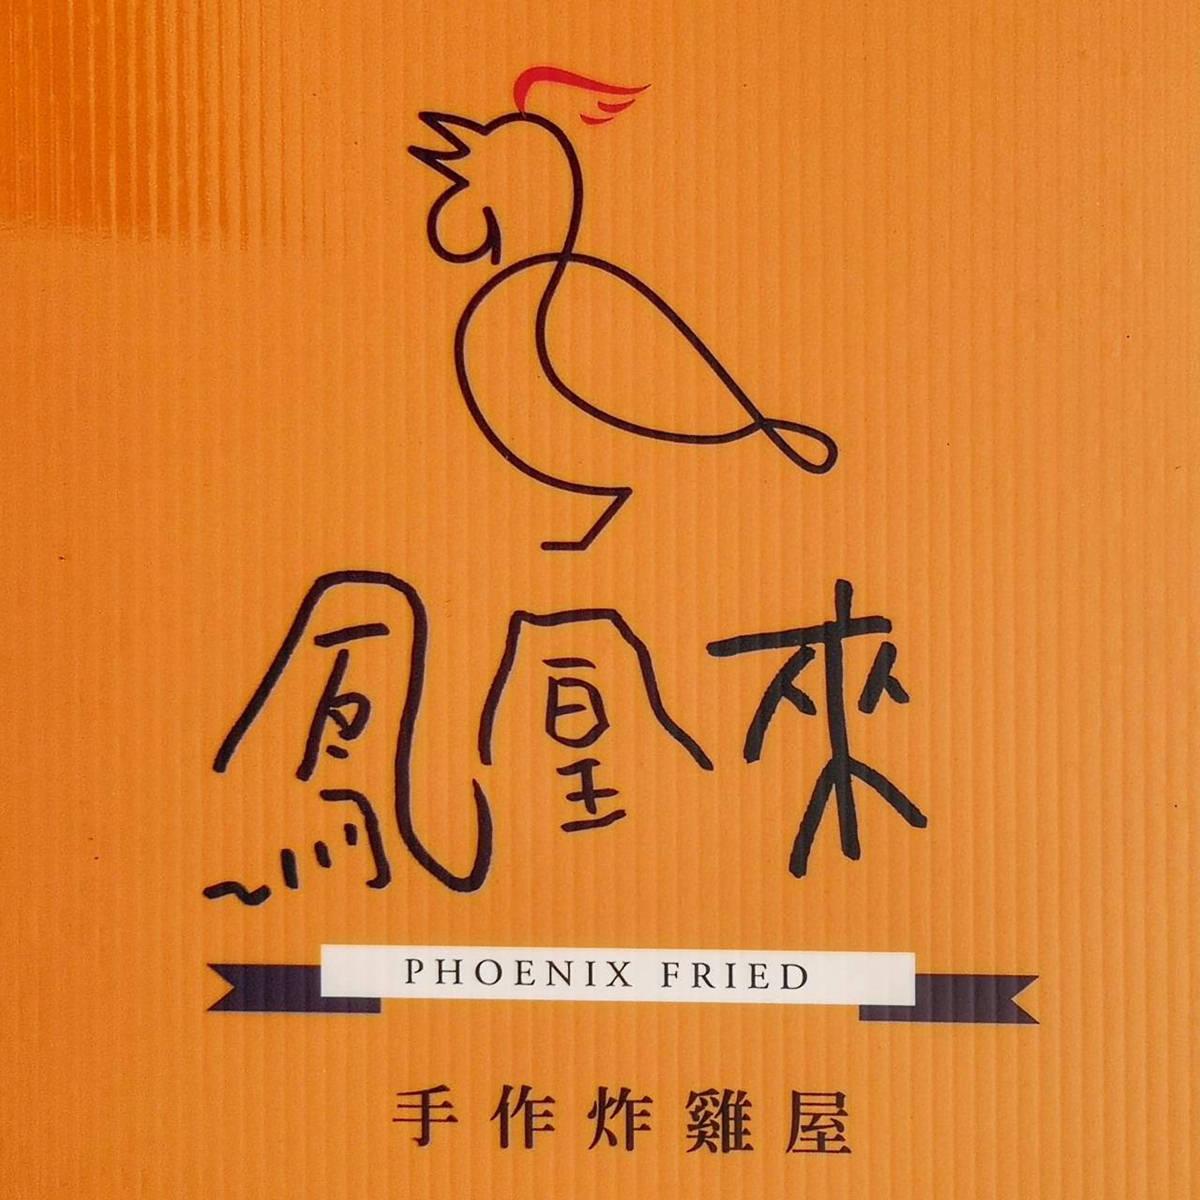 台南南區推薦平價美味獨家醃料鹽酥雞專賣店-鳳凰來手作炸雞屋-金華店